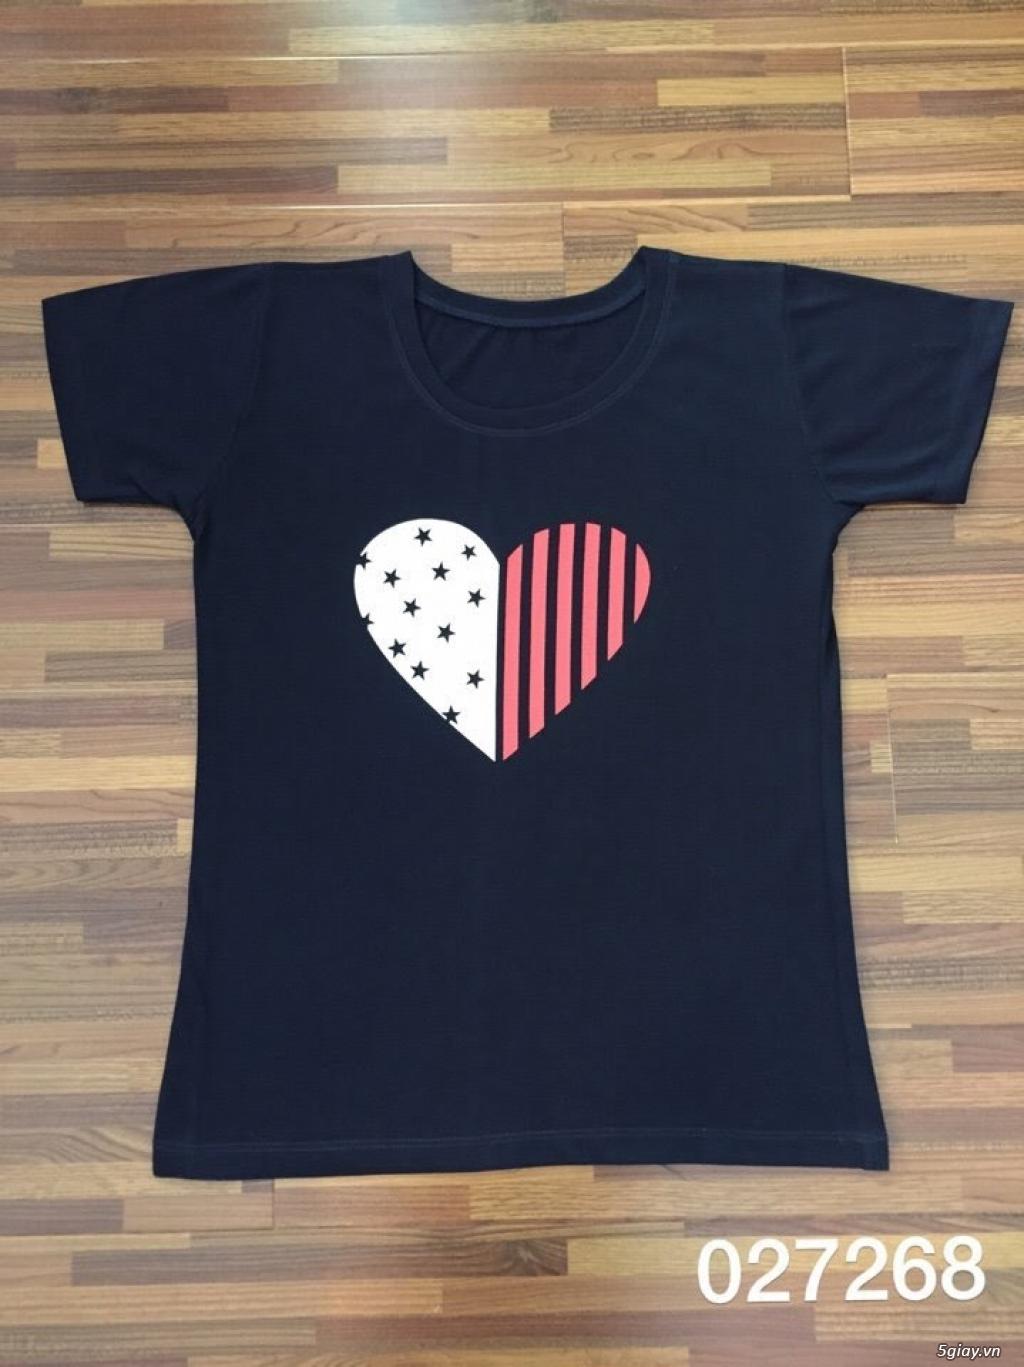 Bỏ sỉ áo thun mẹ & bé 10k - 15k - 20k giá rẻ, chất lượng tốt nhất  !!! - 16